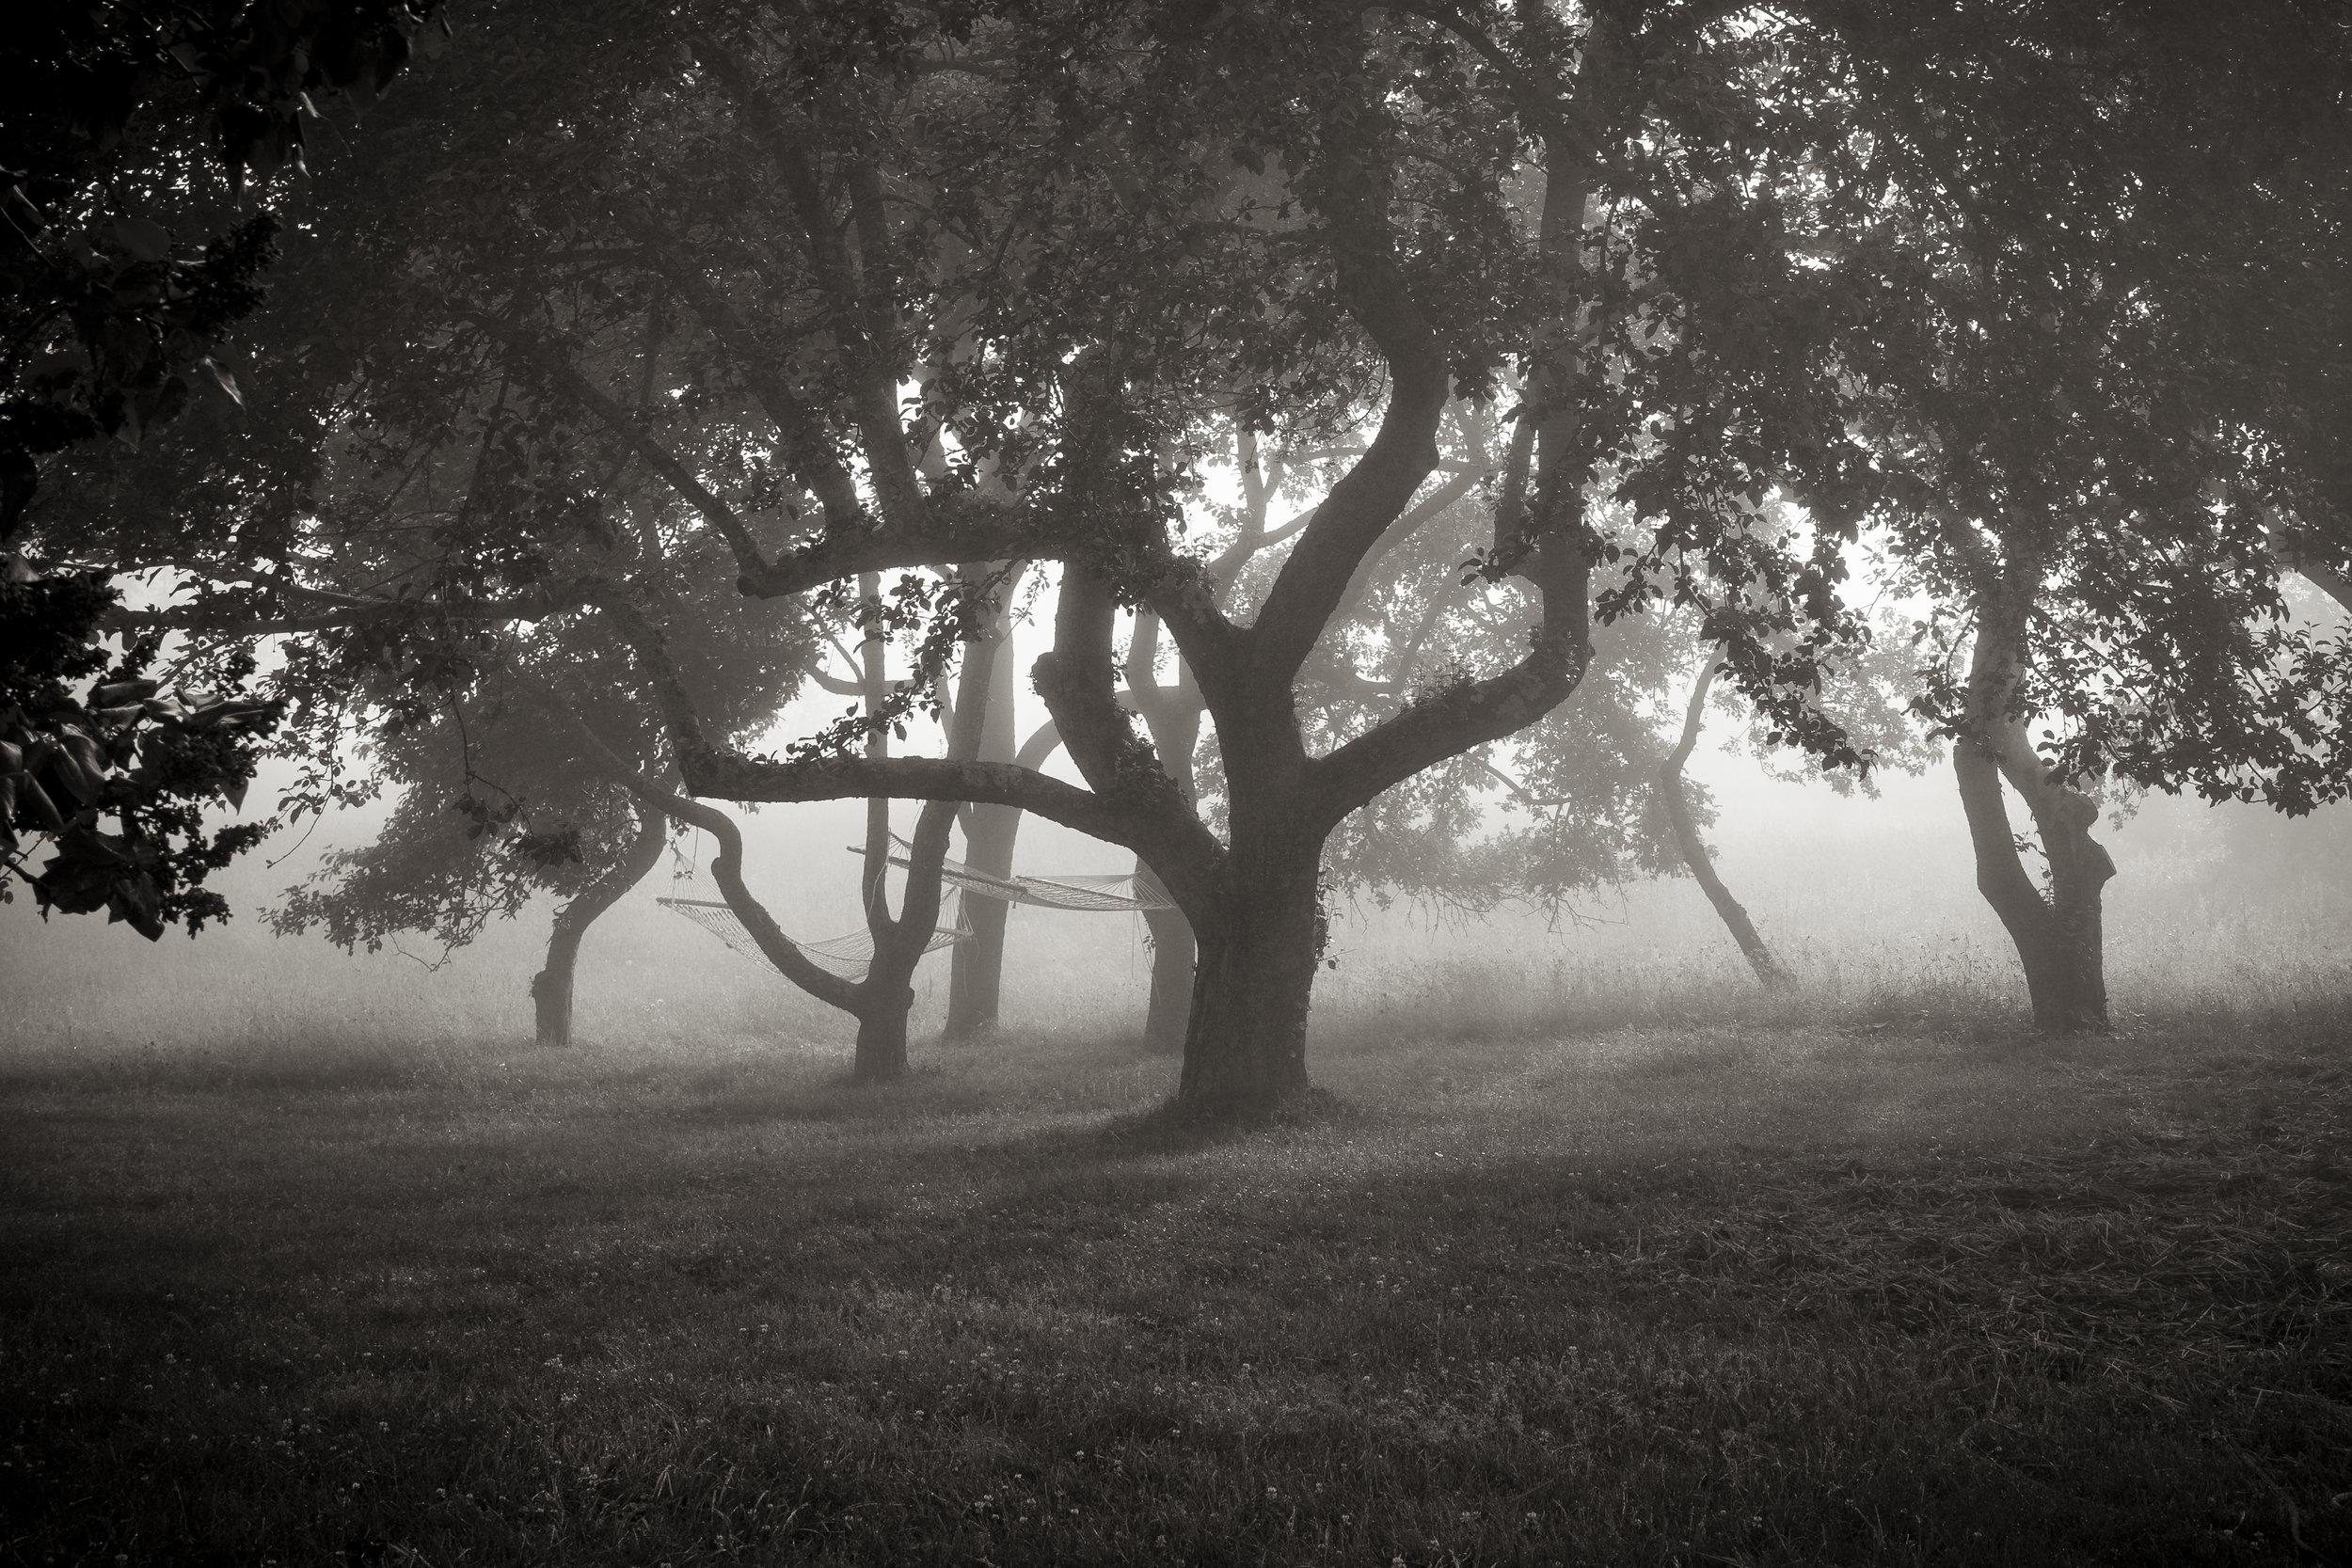 Hammocks and Apple Trees